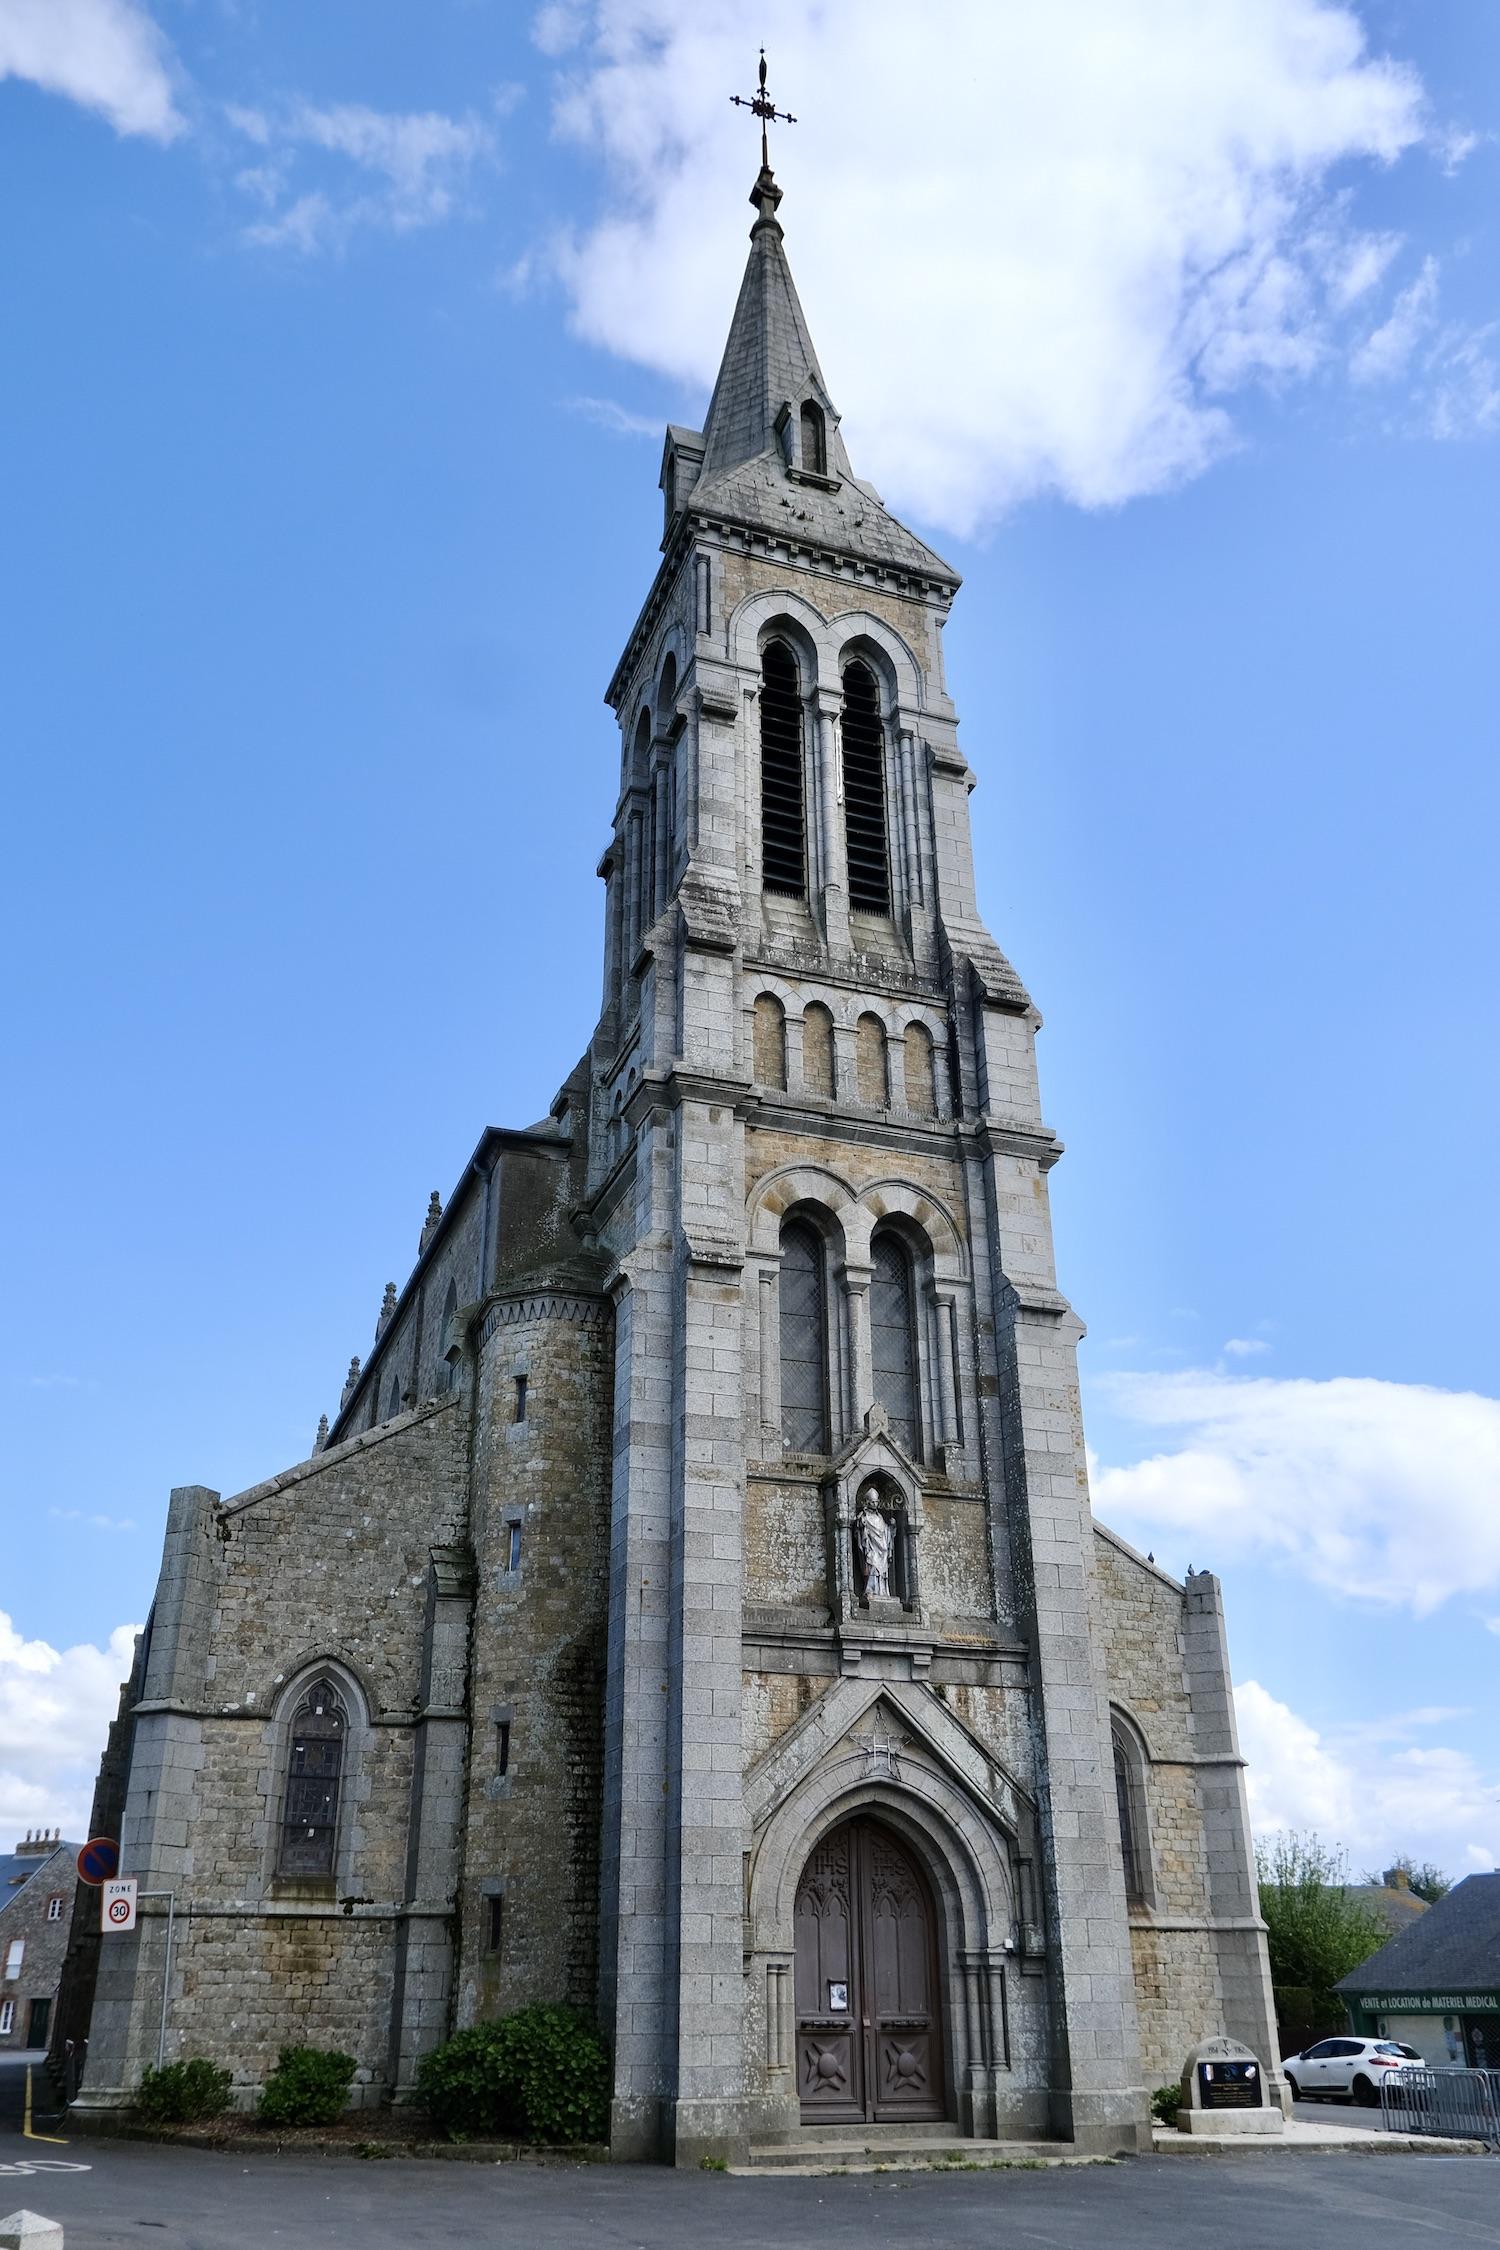 Sartilly church